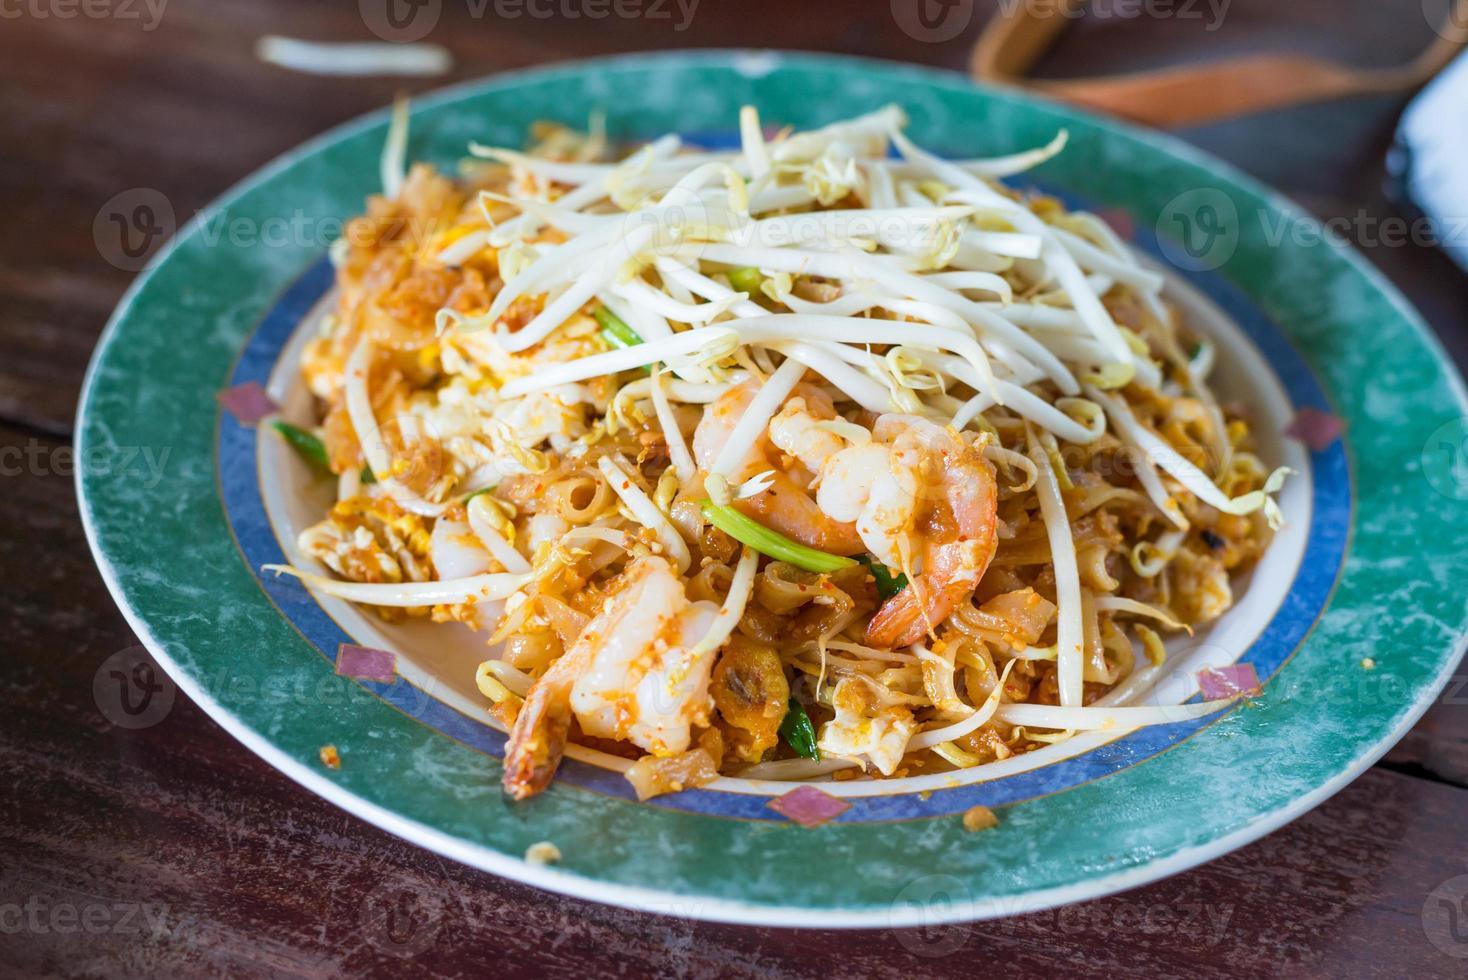 thailändsk mat, pad thai räkor, thailändska stilnudlar foto